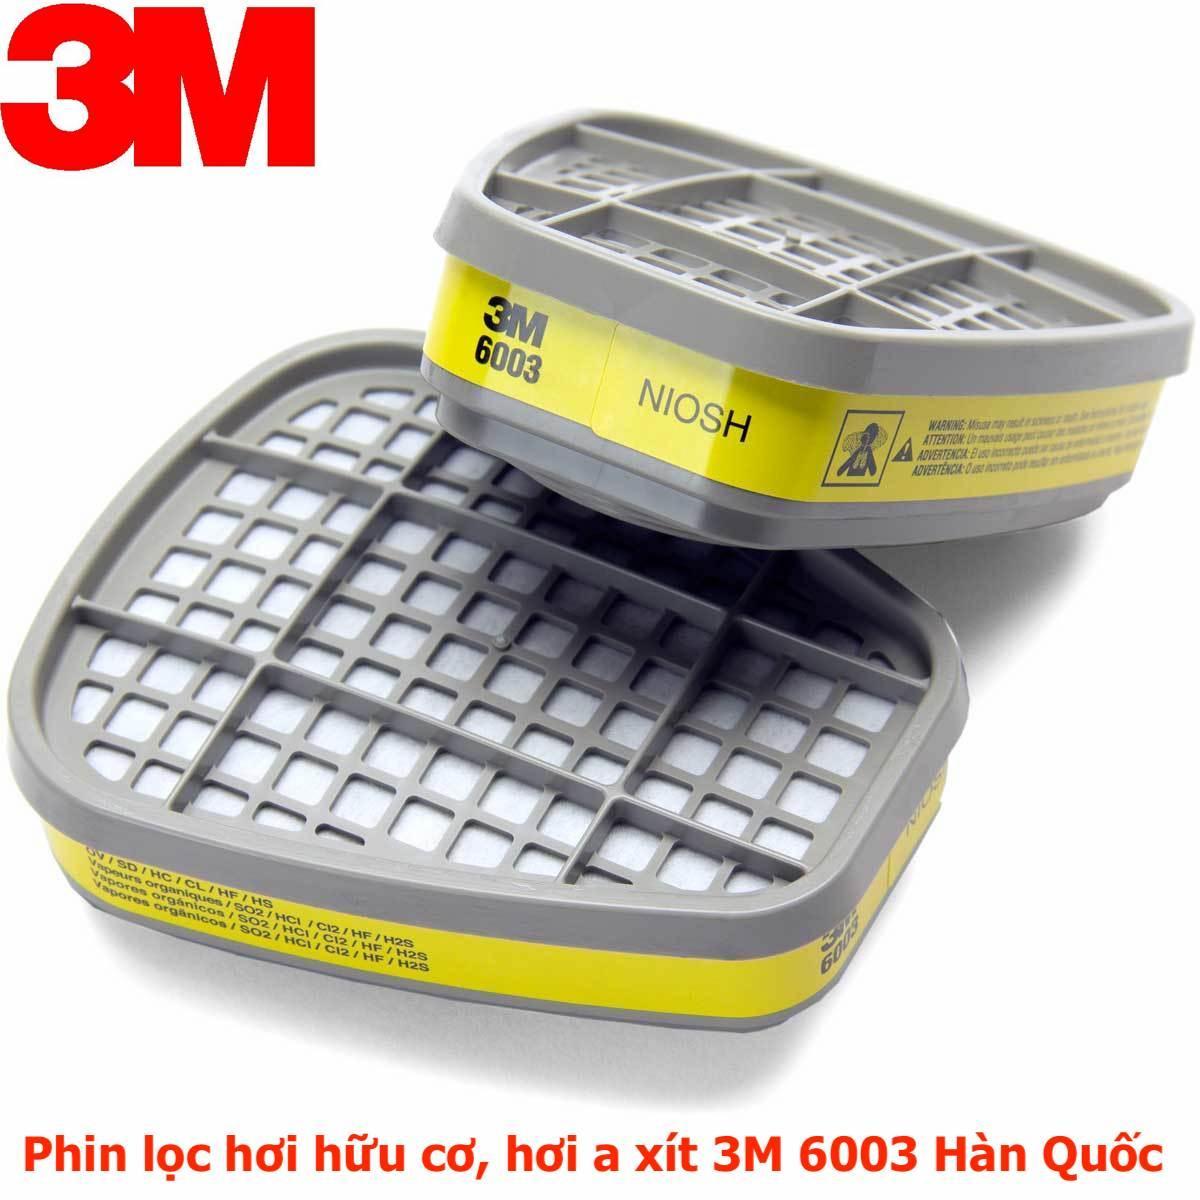 Phin lọc 3M 6003 lọc hơi hữu cơ hơi trong môi trường khí axit tương thích với các loại mặt nạ 3M 6100, 3M 6200, 3M 7501, 3M 7502, 3M 6800 hàng xuất sứ 3M Hàn Quốc